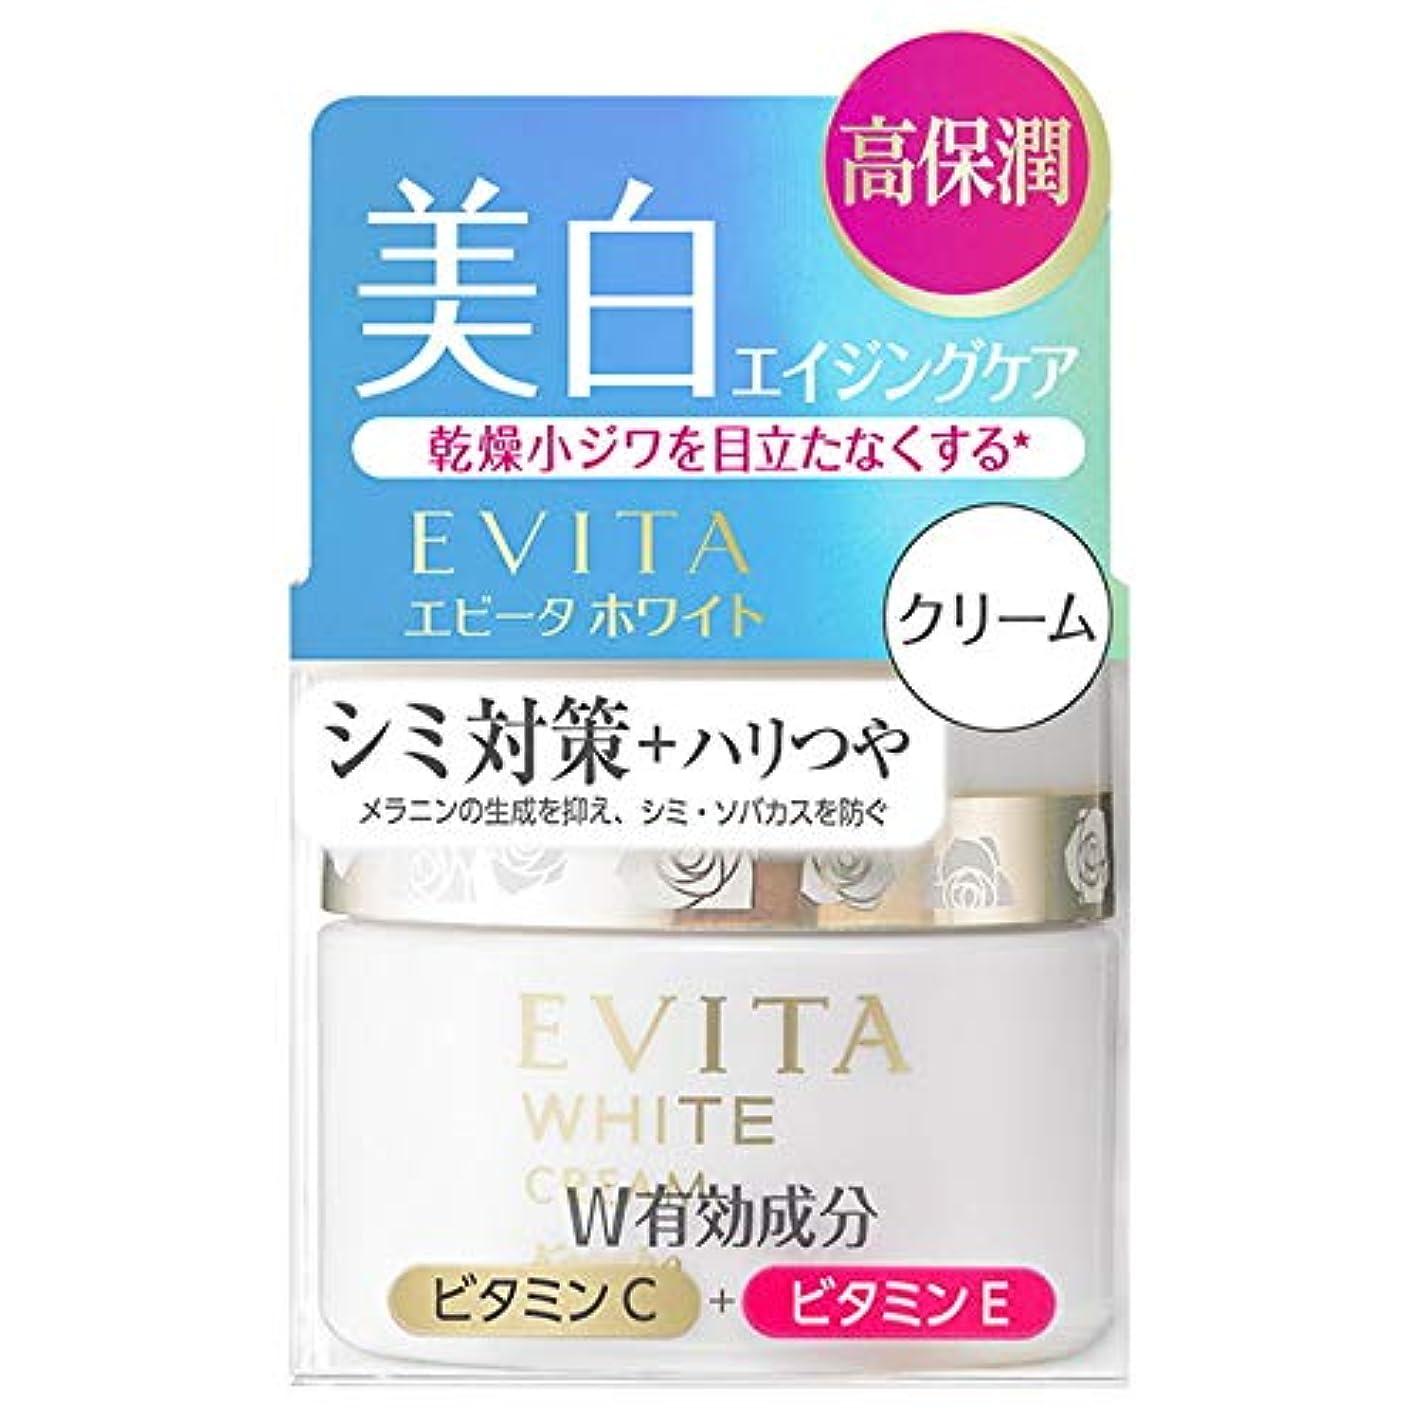 ぼかす辛いフリースカネボウ エビータ ホワイトクリームV 35g [医薬部外品]